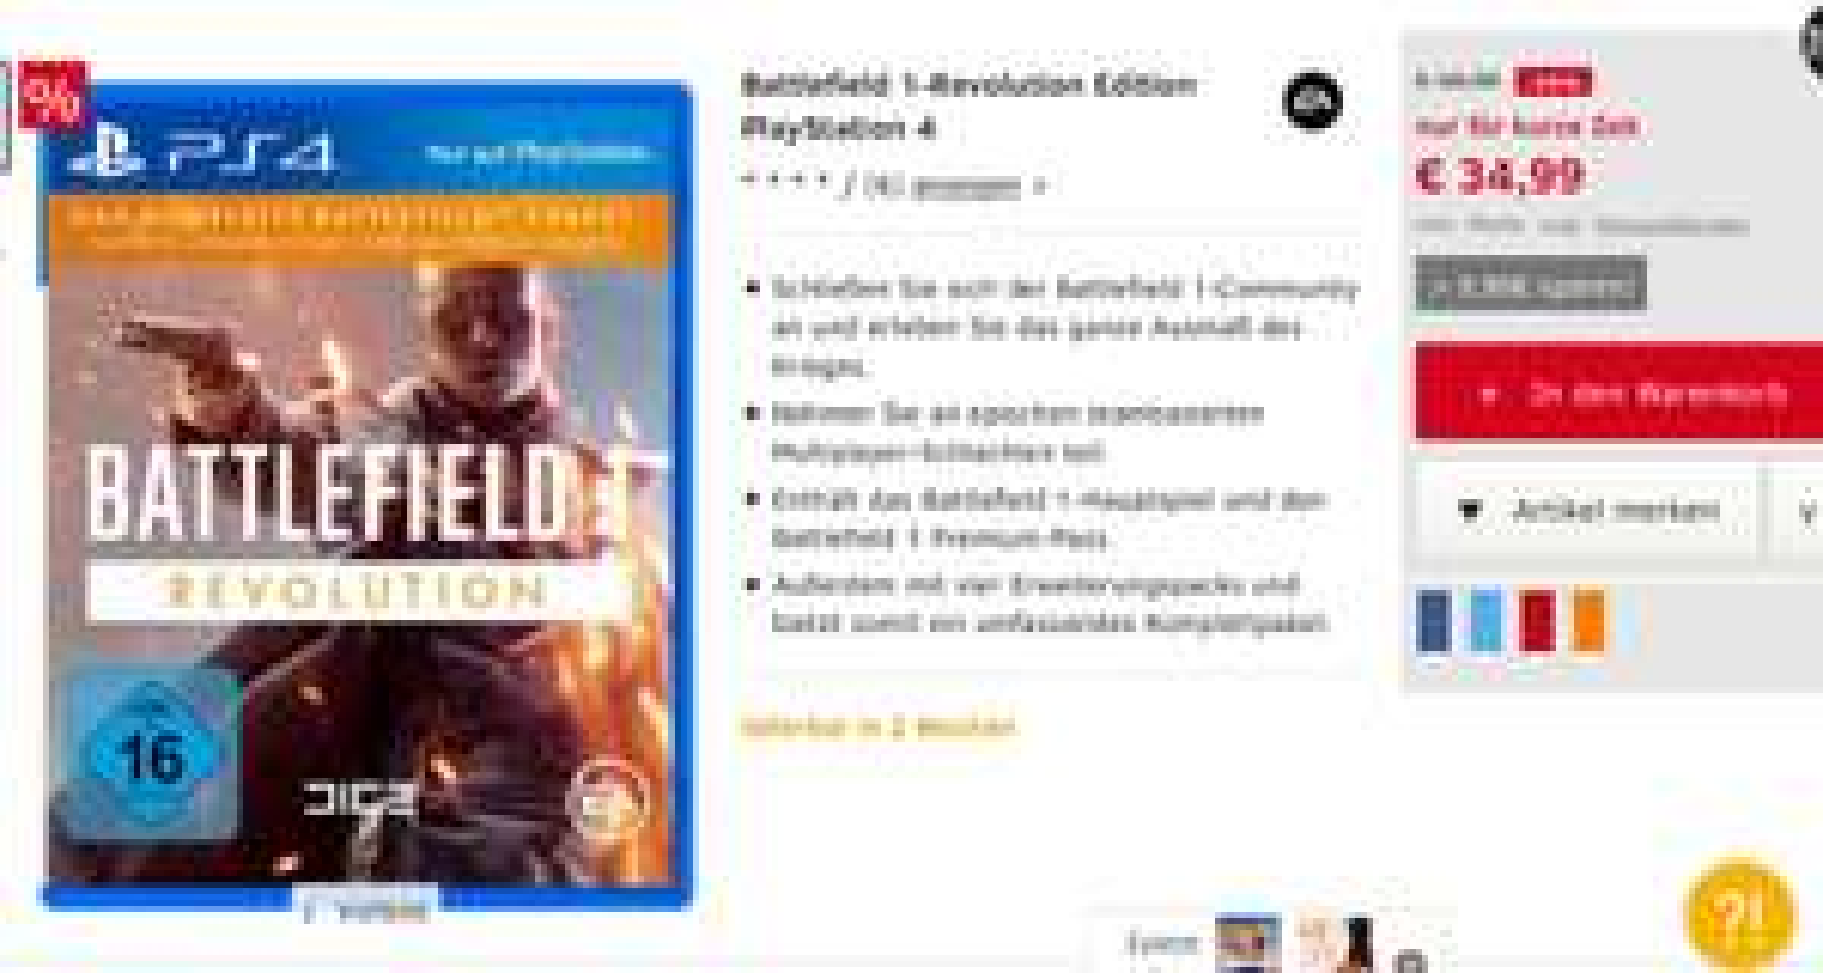 Battlefield 1 Revolution Edition - 19,99€ Günstiger als PSN - keine VK